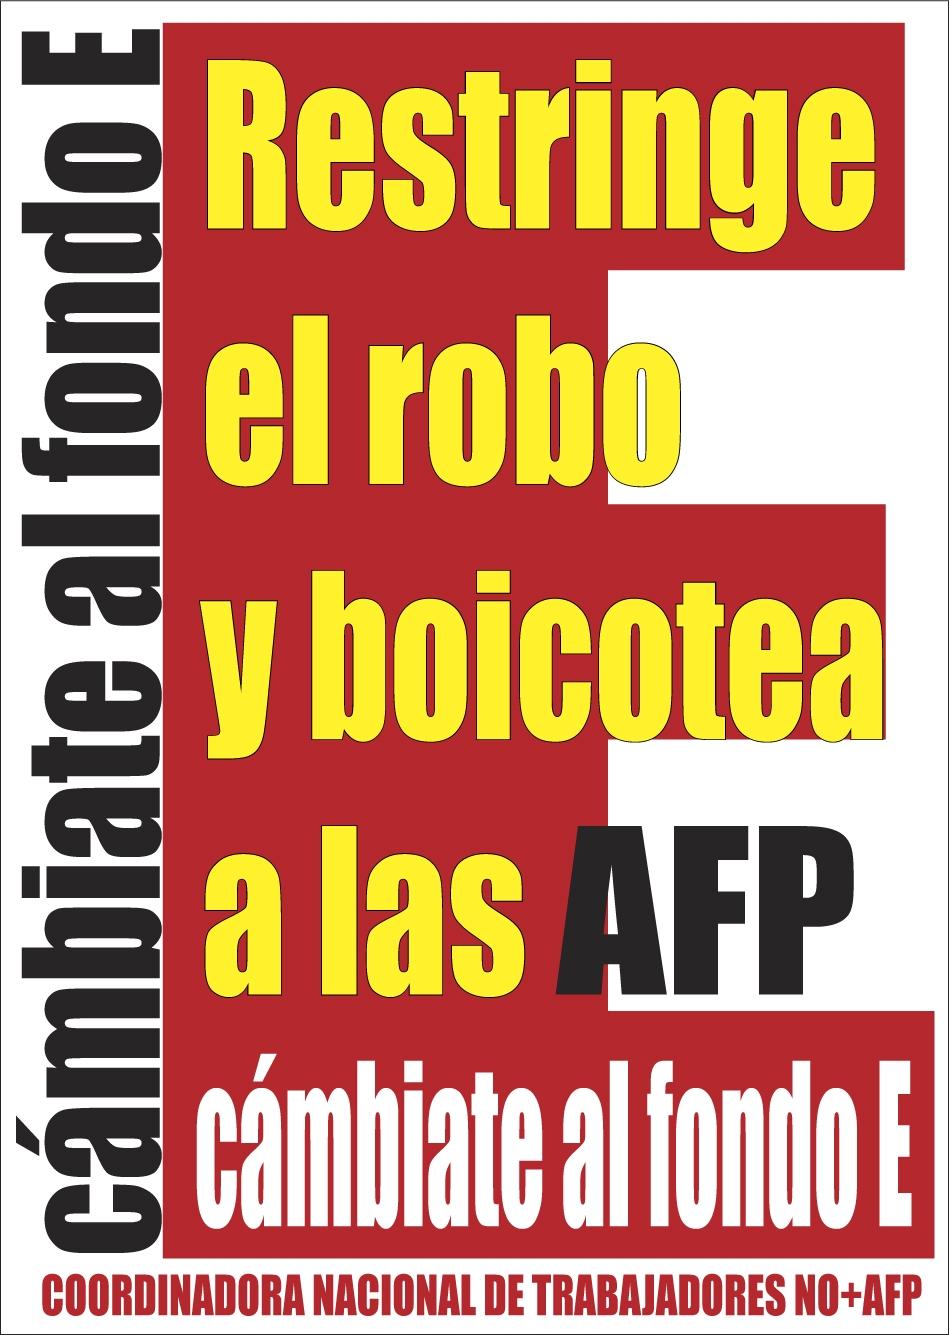 CAMPAÑA-CAMBIATE-AL-FONDO-E